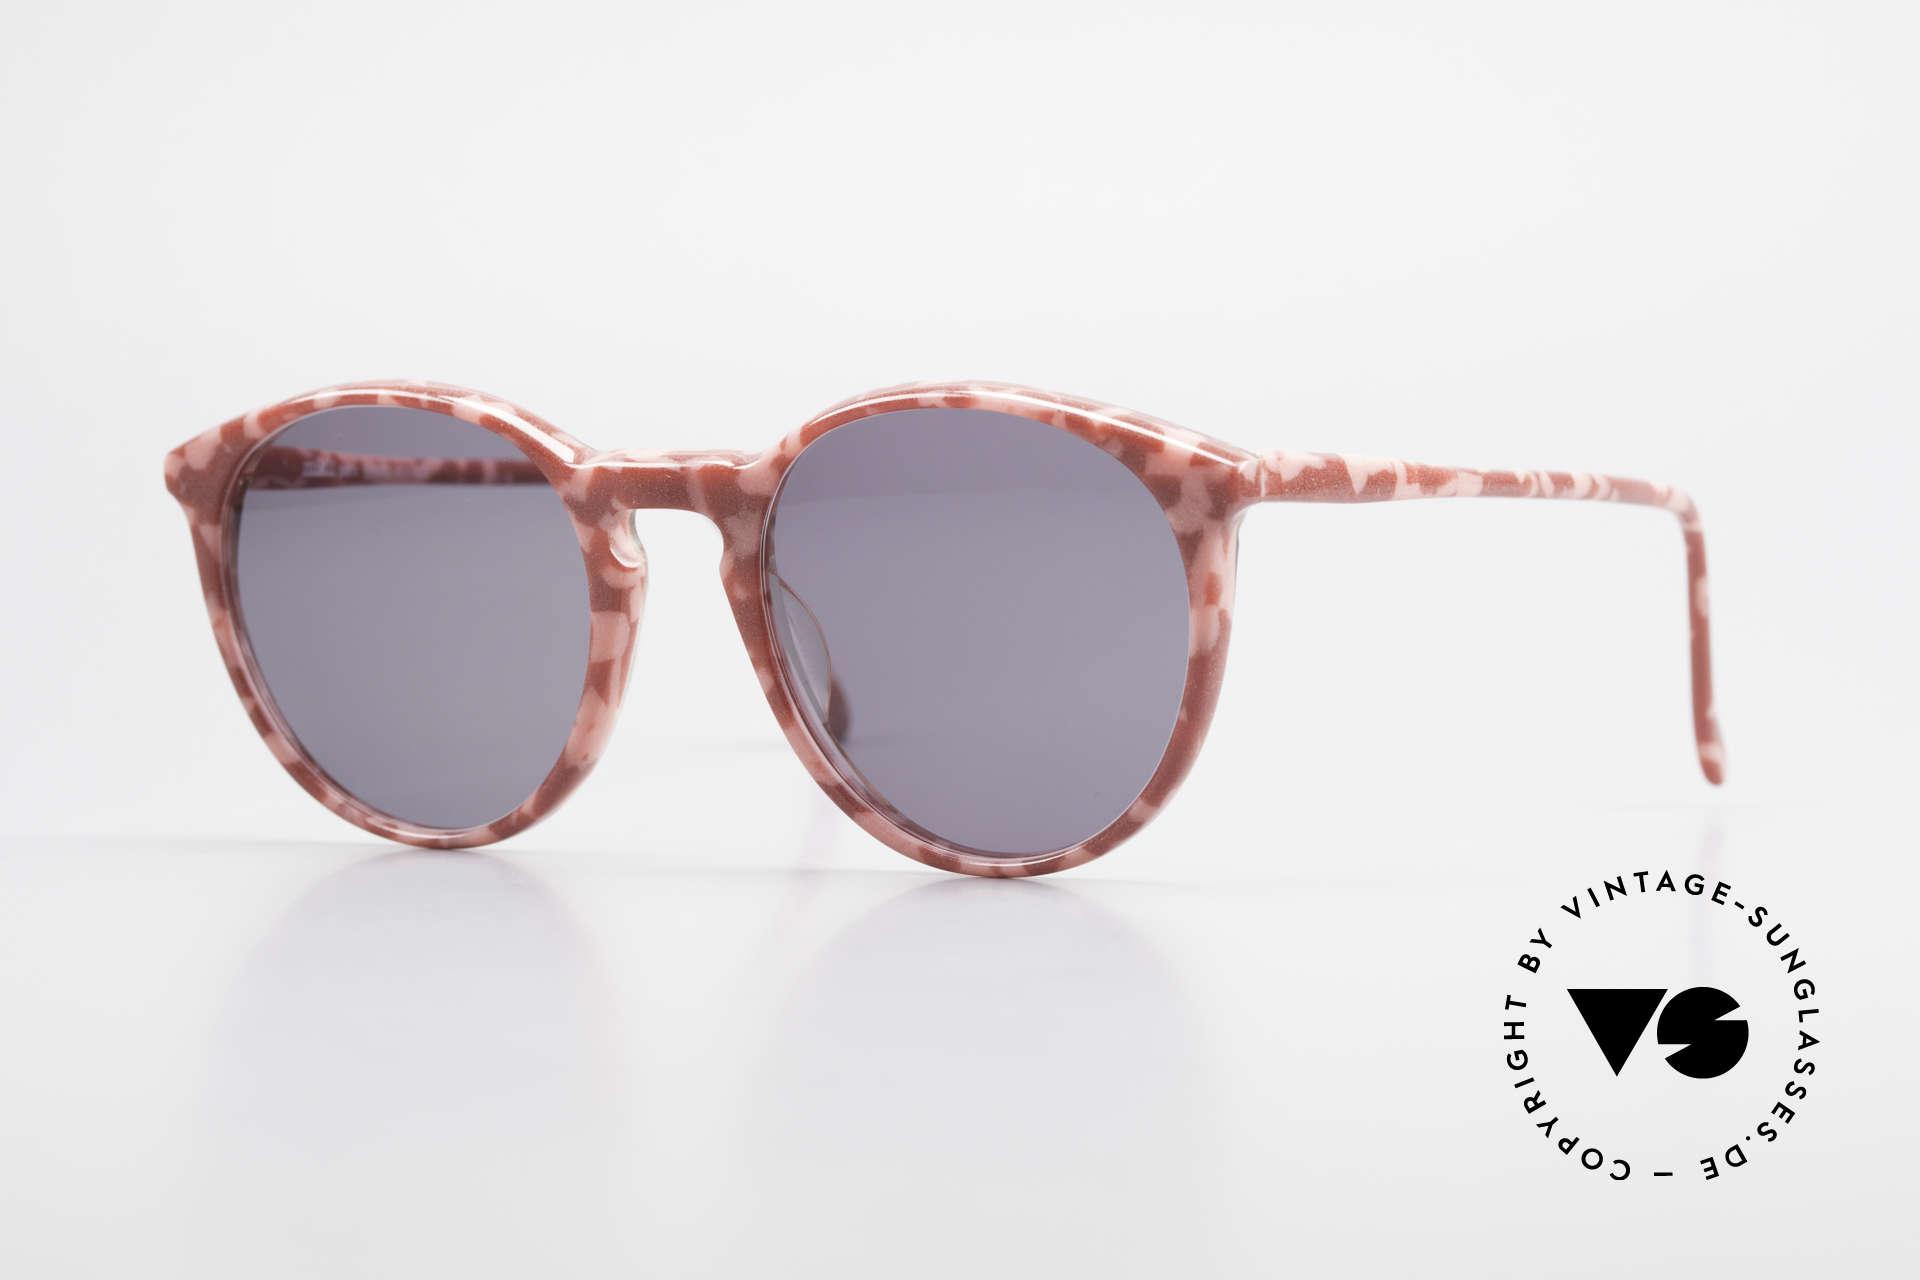 Alain Mikli 901 / 172 Panto Shades Red Pink Marbled, elegant VINTAGE Alain Mikli designer sunglasses, Made for Women